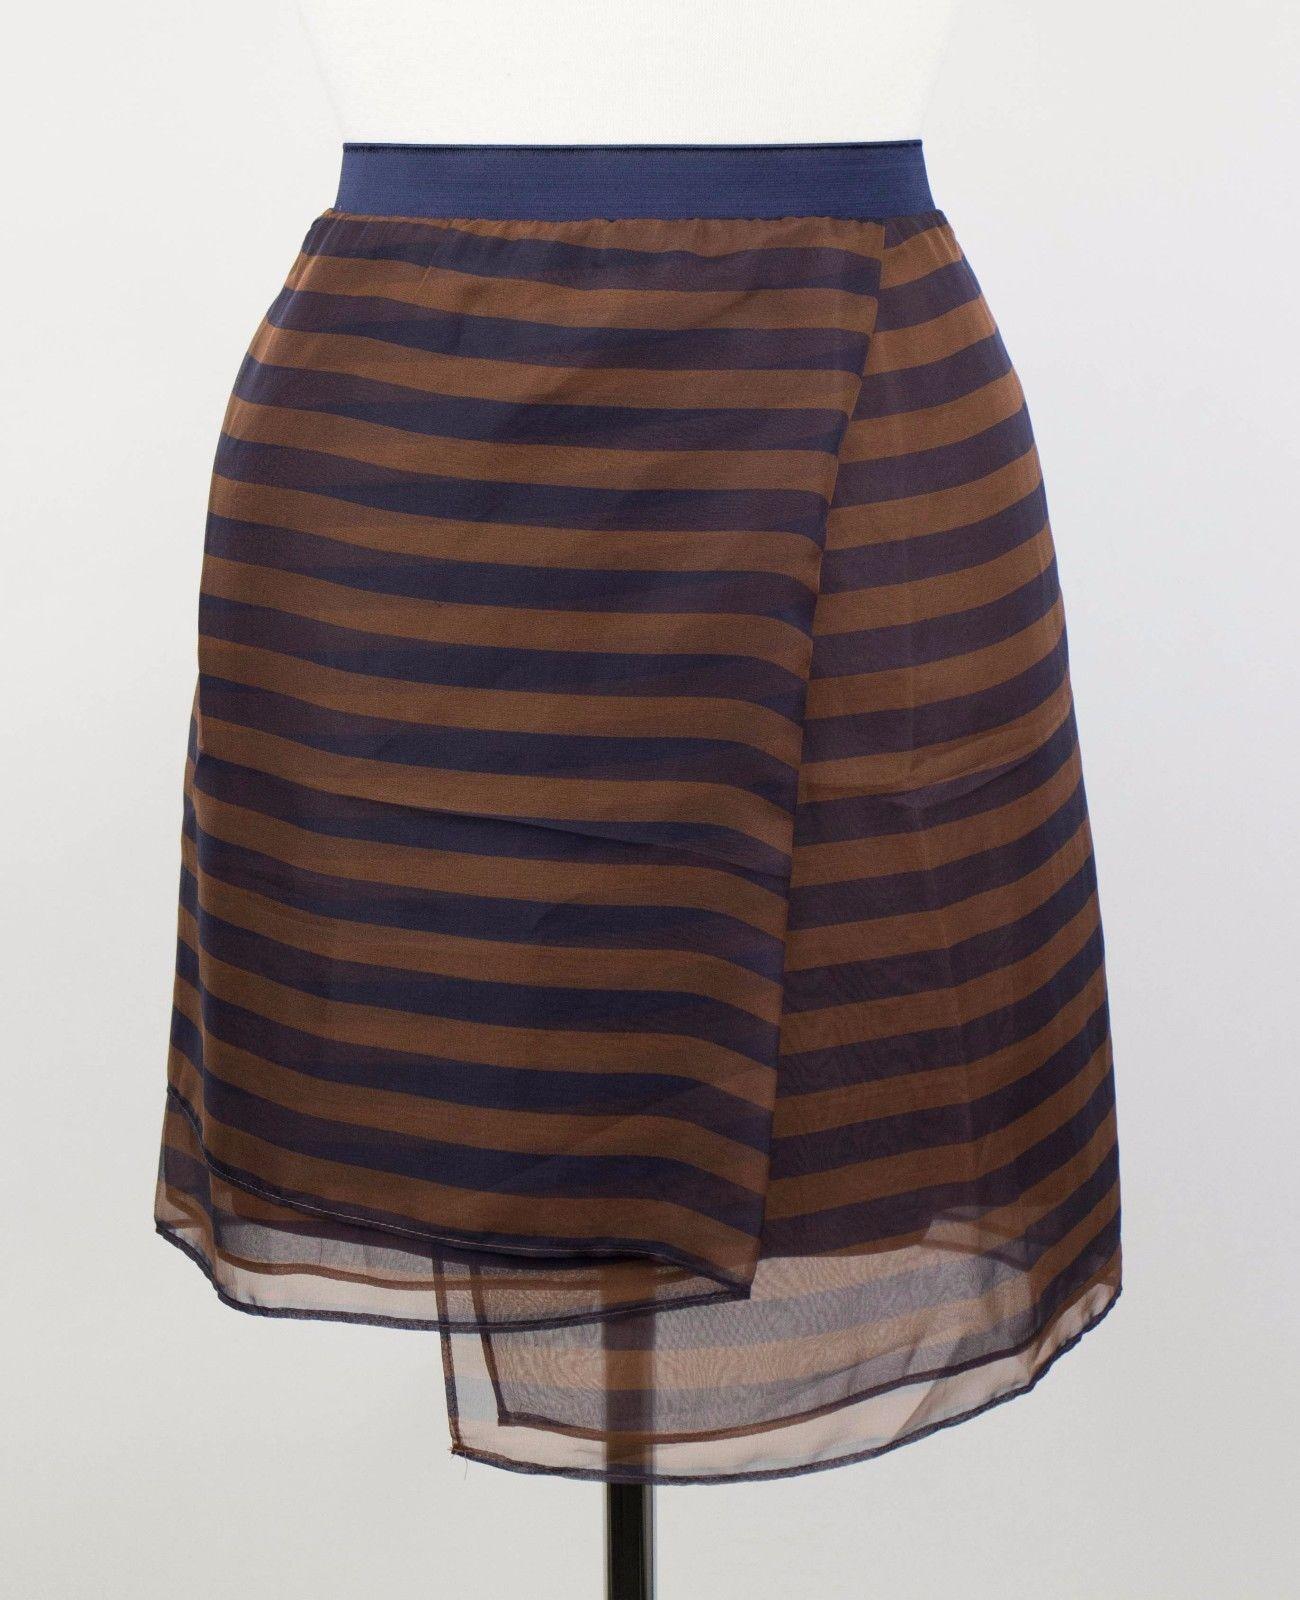 NWT BRUNELLO CUCINELLI Women's Brown bluee Striped 100% Silk Skirt 8 44  1375